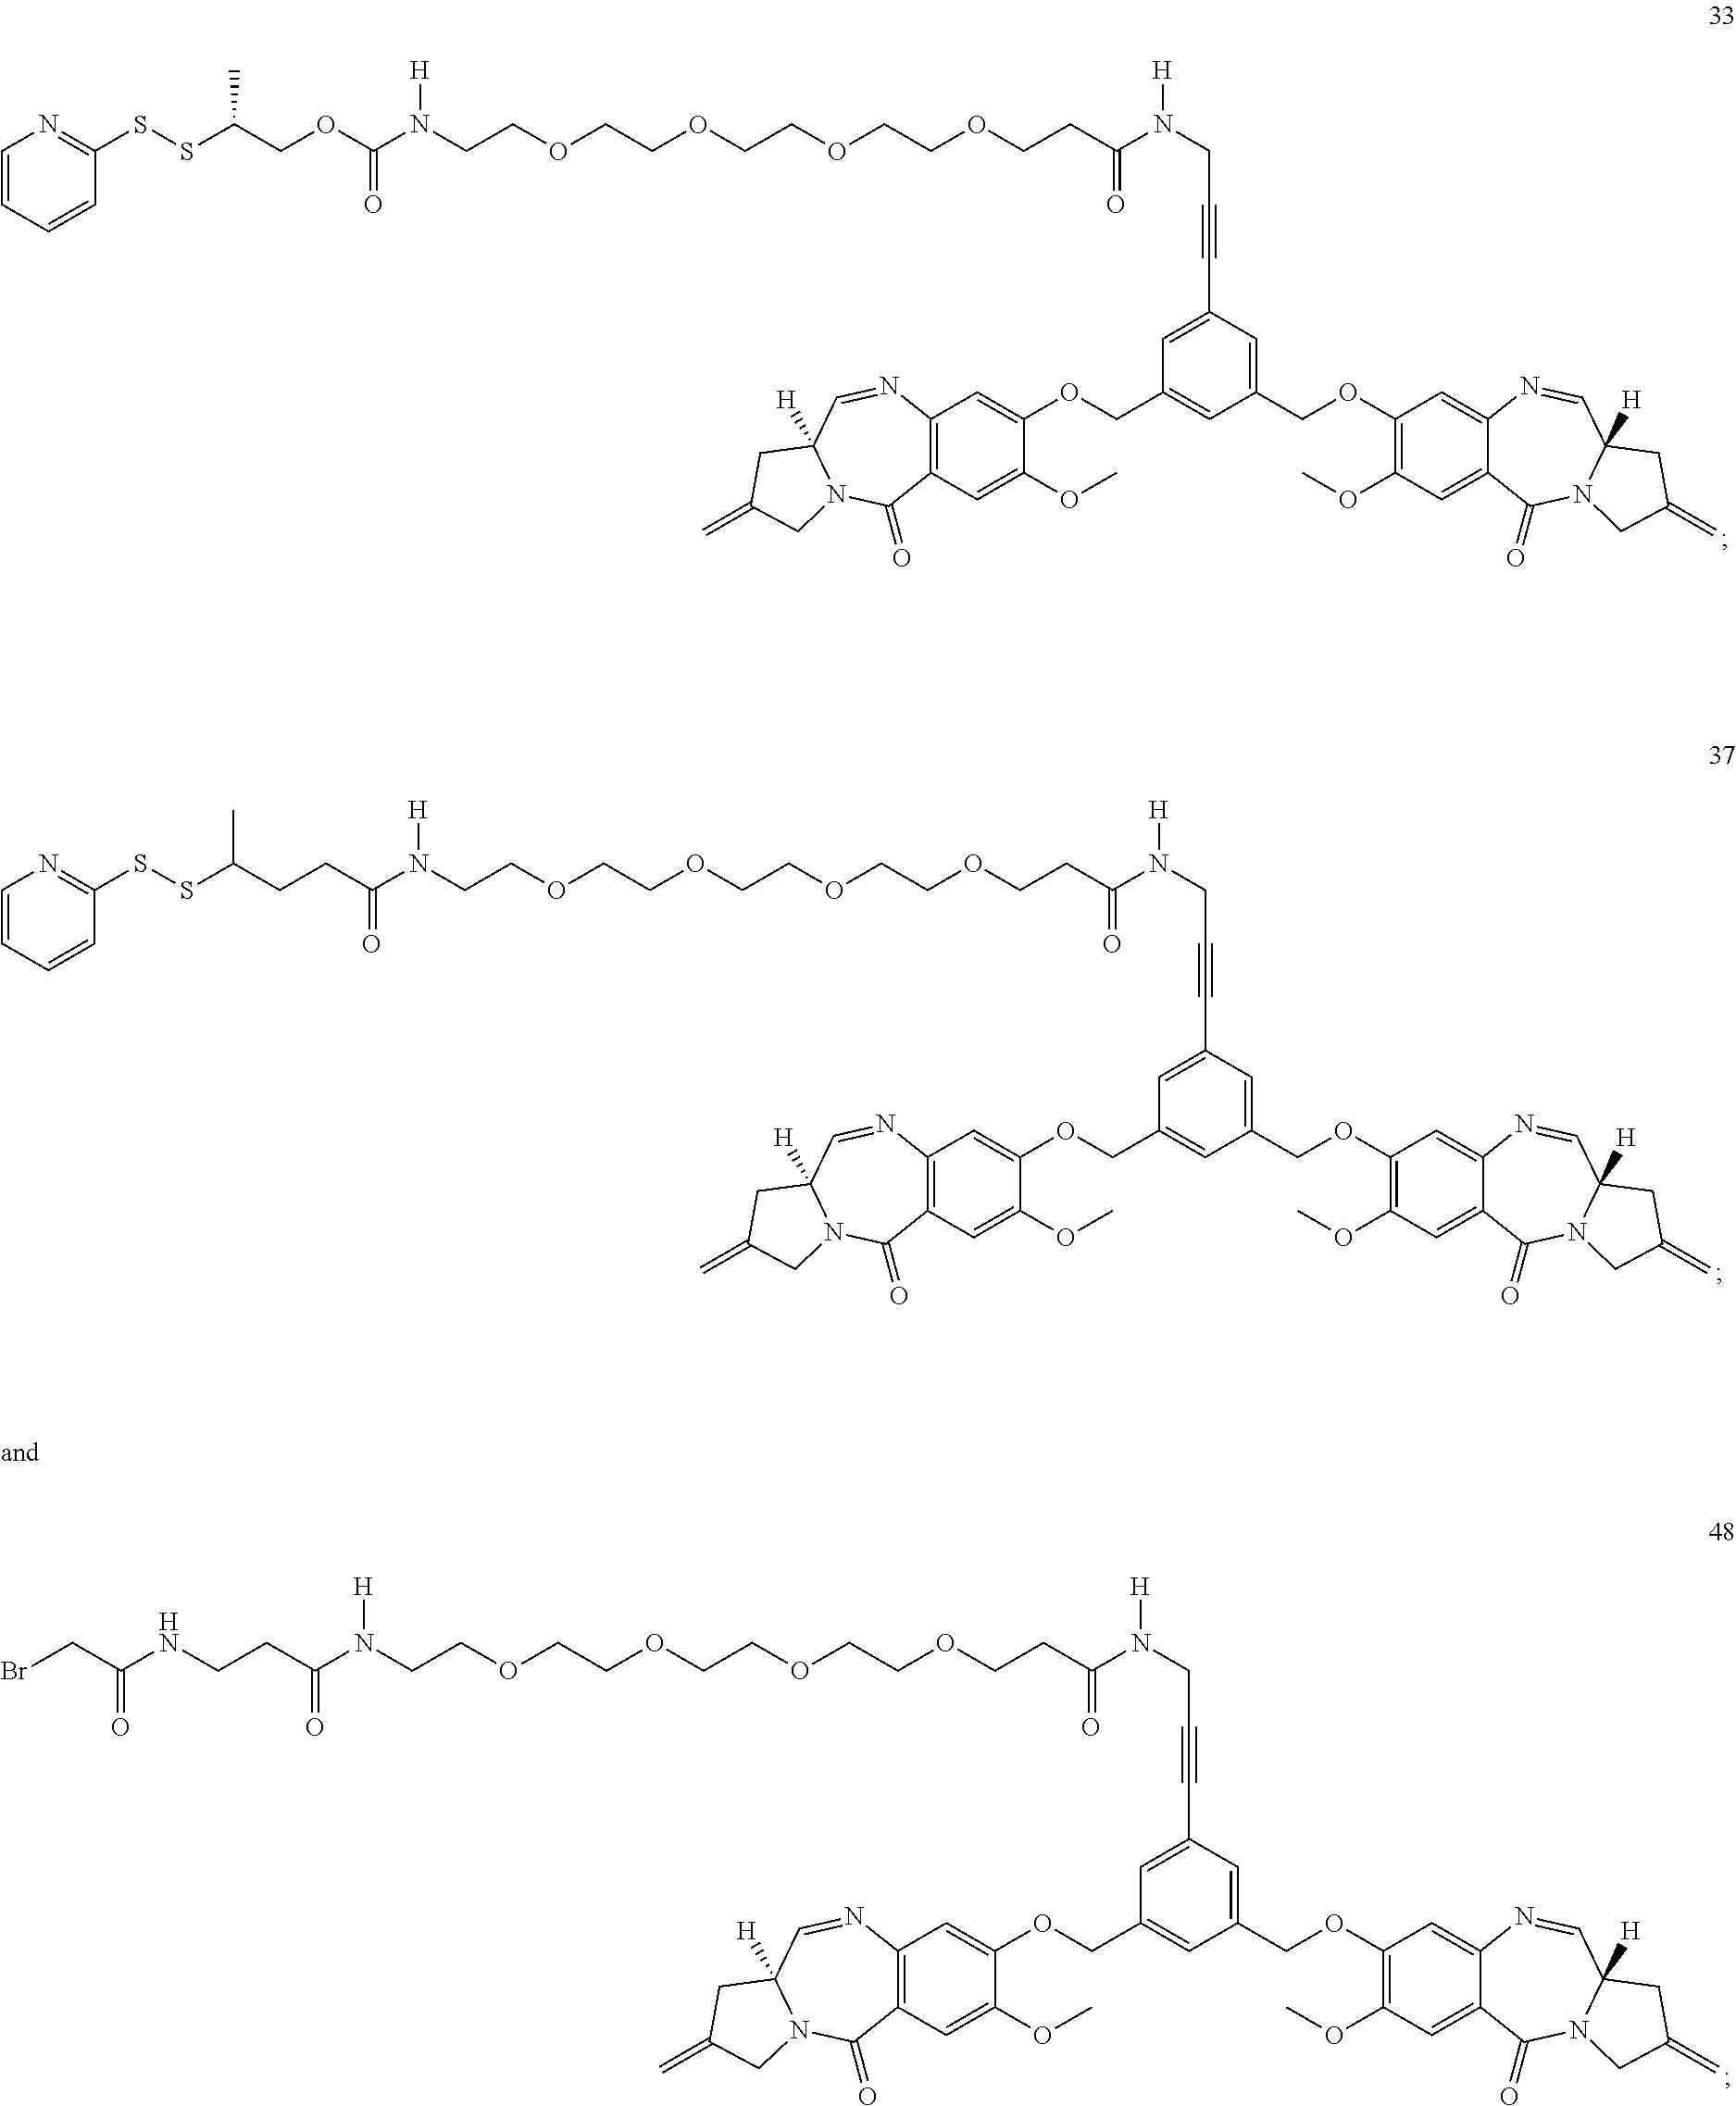 Figure US09821074-20171121-C00092